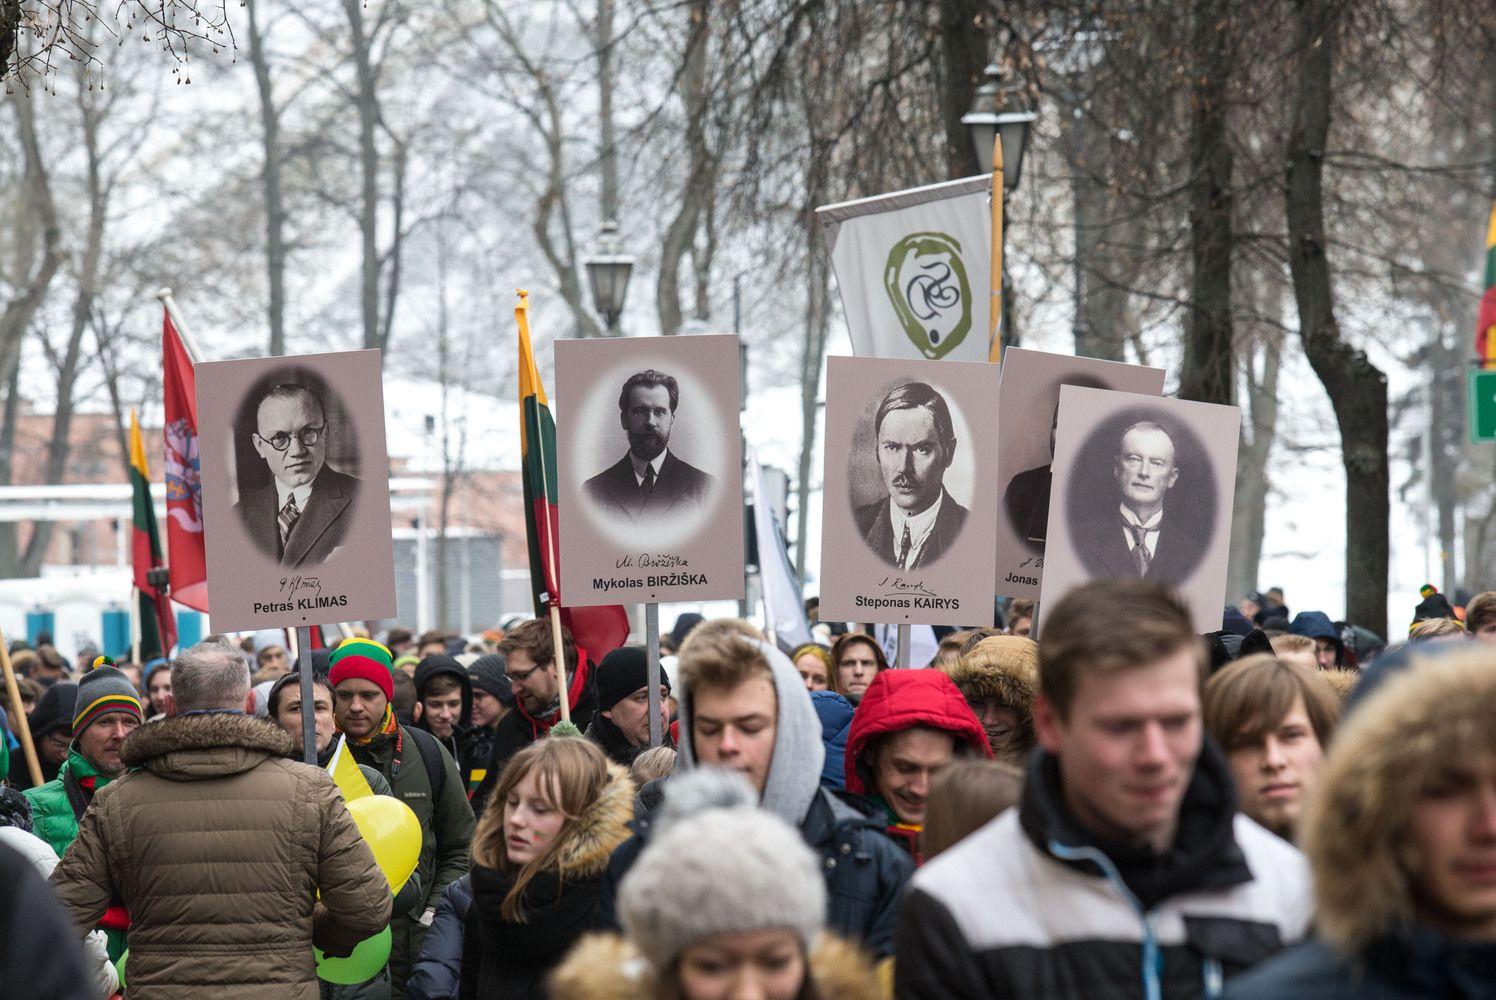 Politologas Antanas Kulakauskas: vienybės nebuvo nei tada, nei dabar